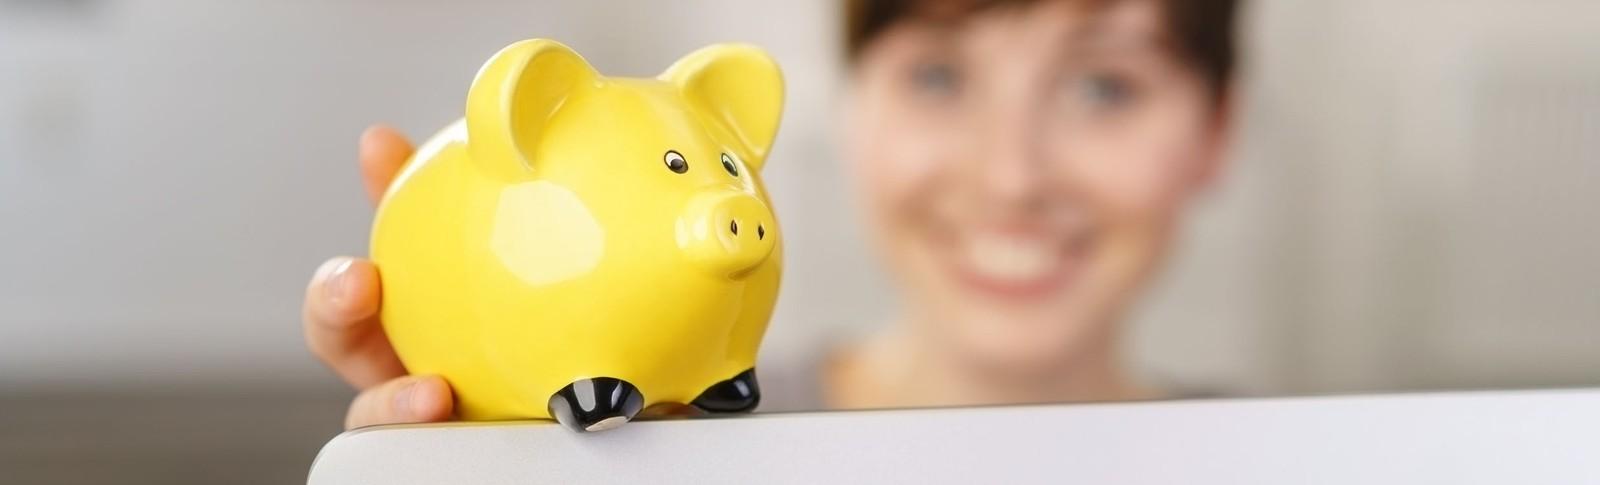 Frau hält gelbes Sparschwein in der Hand, denn in den Moser Kliniken kann sie ihre Bruststraffung auf Raten bezahlen